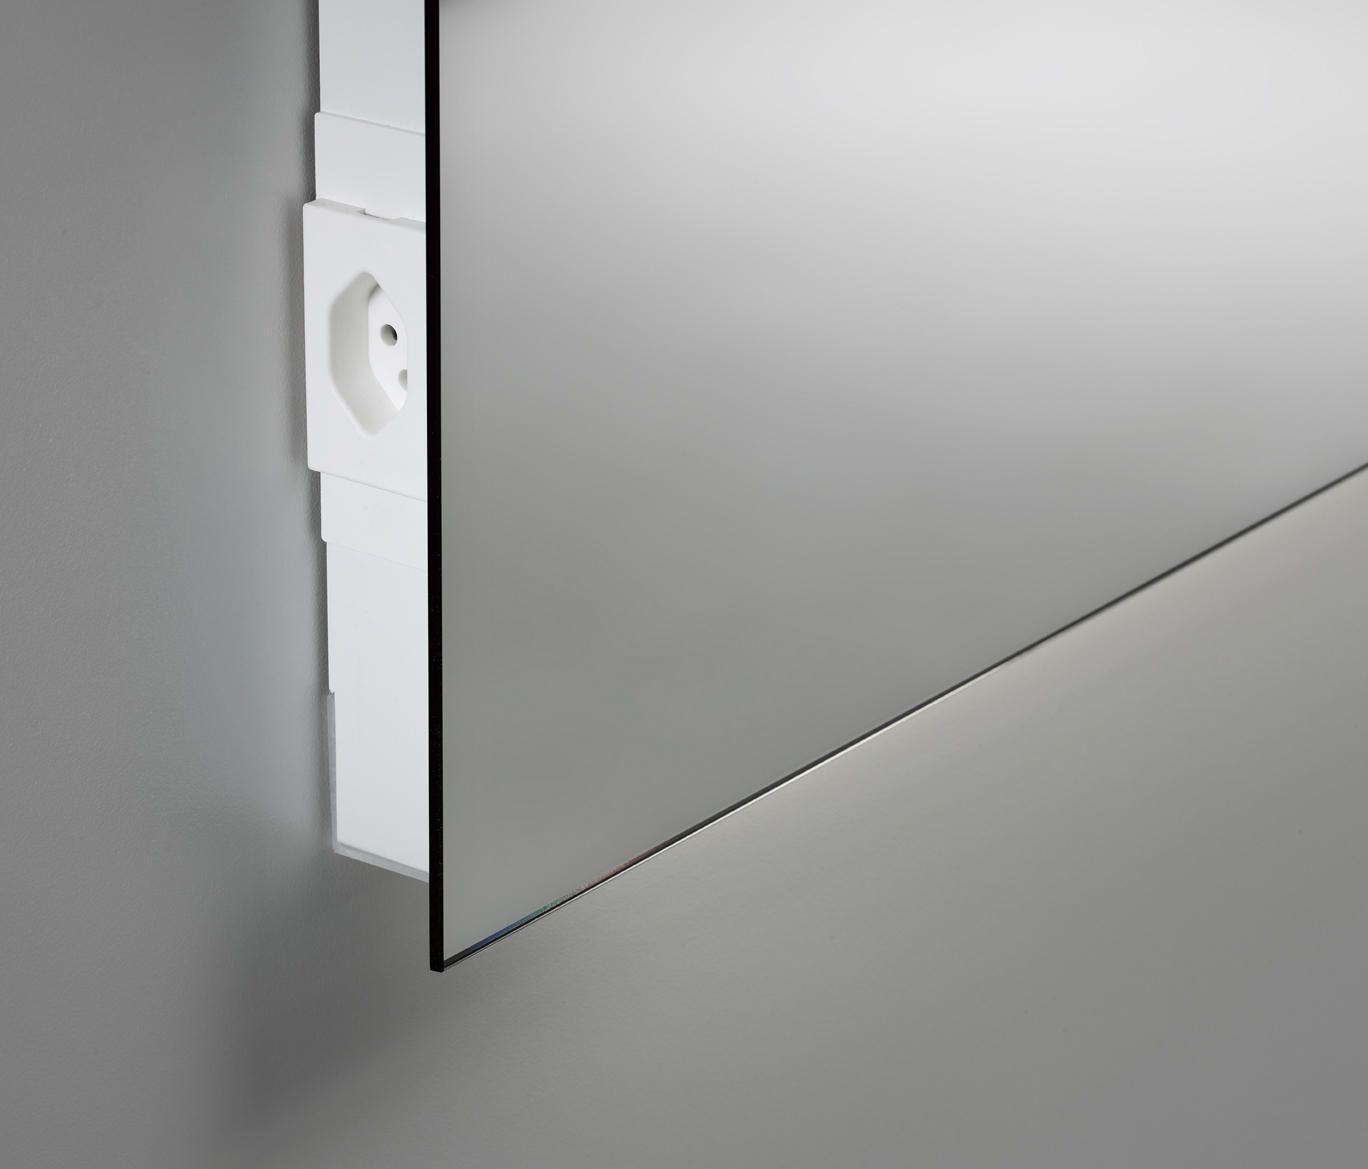 Spiegel Cover Mit Steckdose Von Talsee Wandspiegel Bad Spiegel